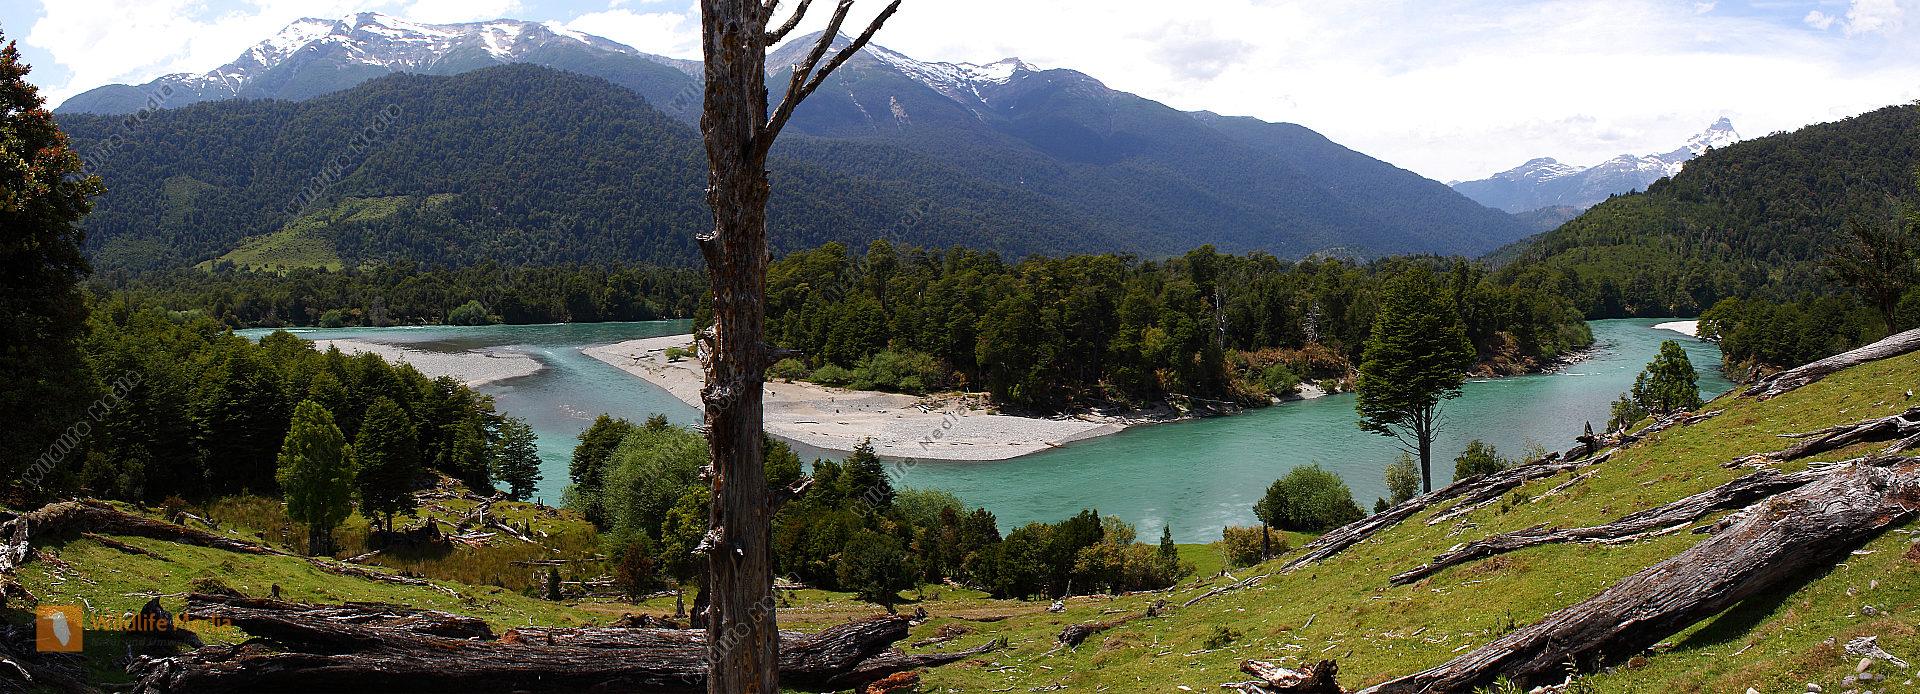 Chilenische Flusslandschaft